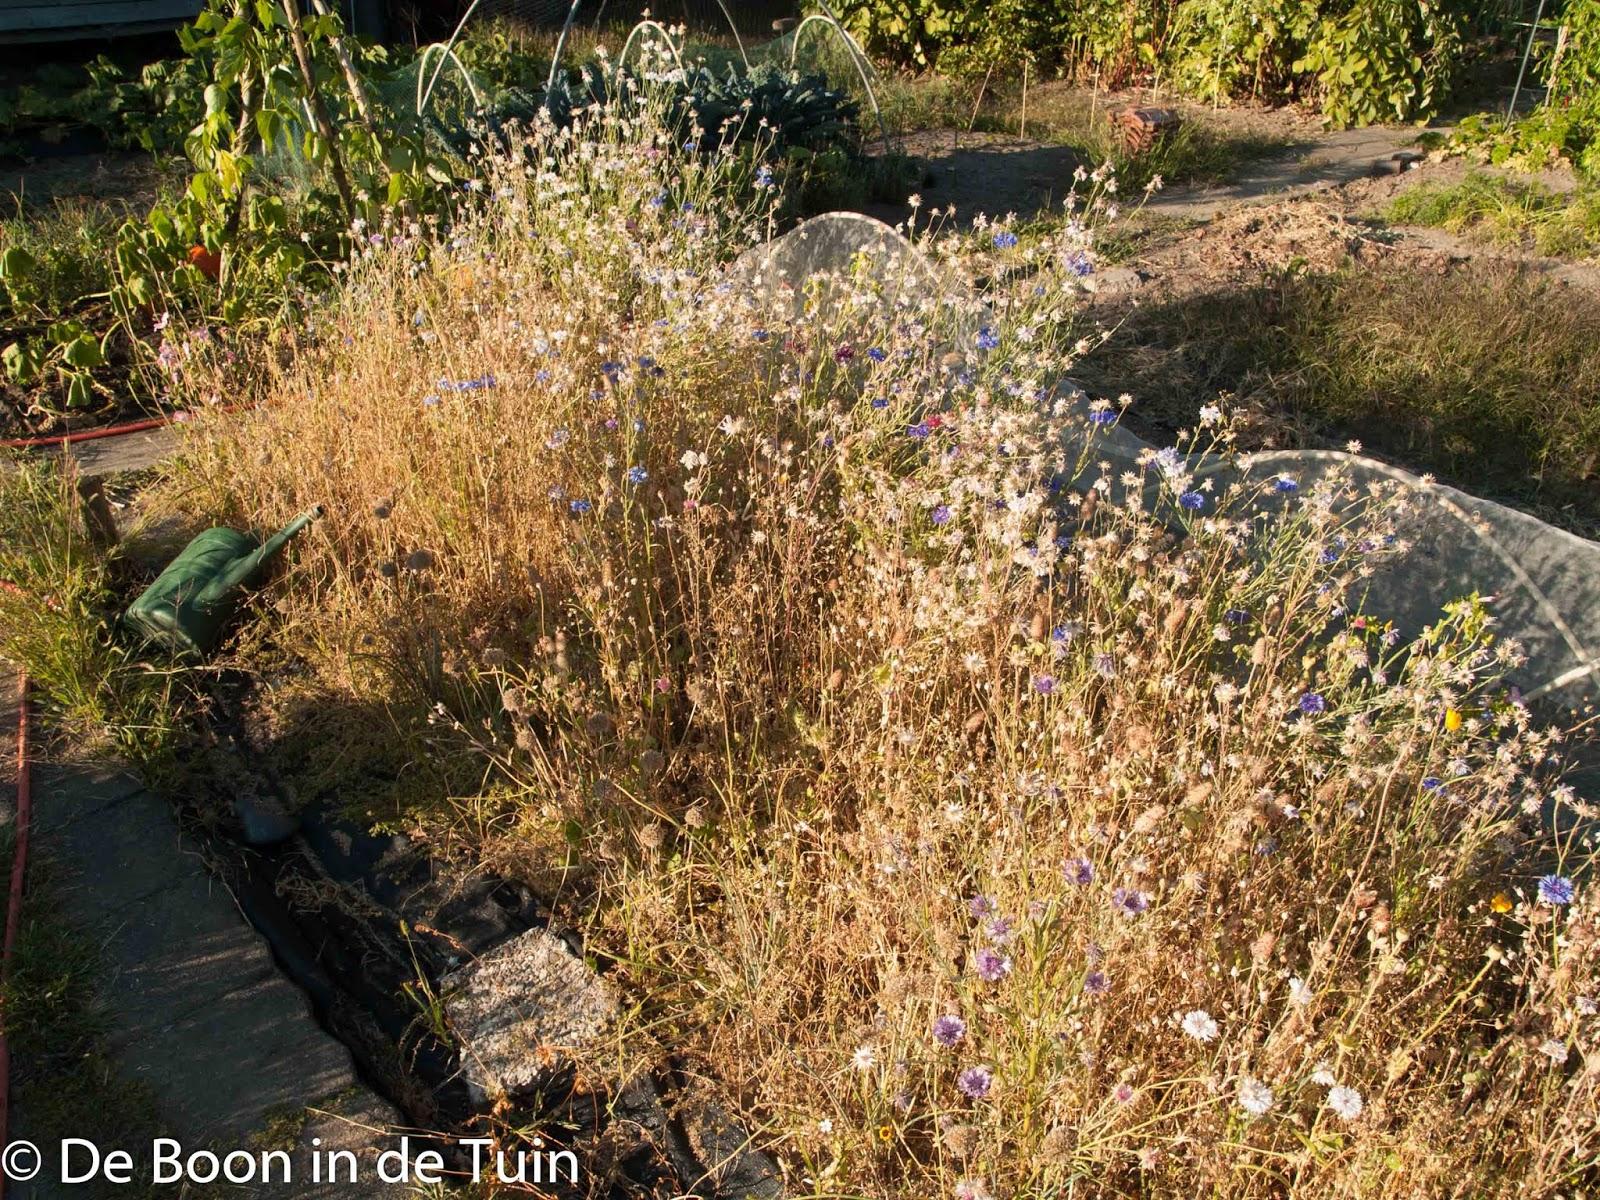 bijen border planten bloemen nectar bestuiving